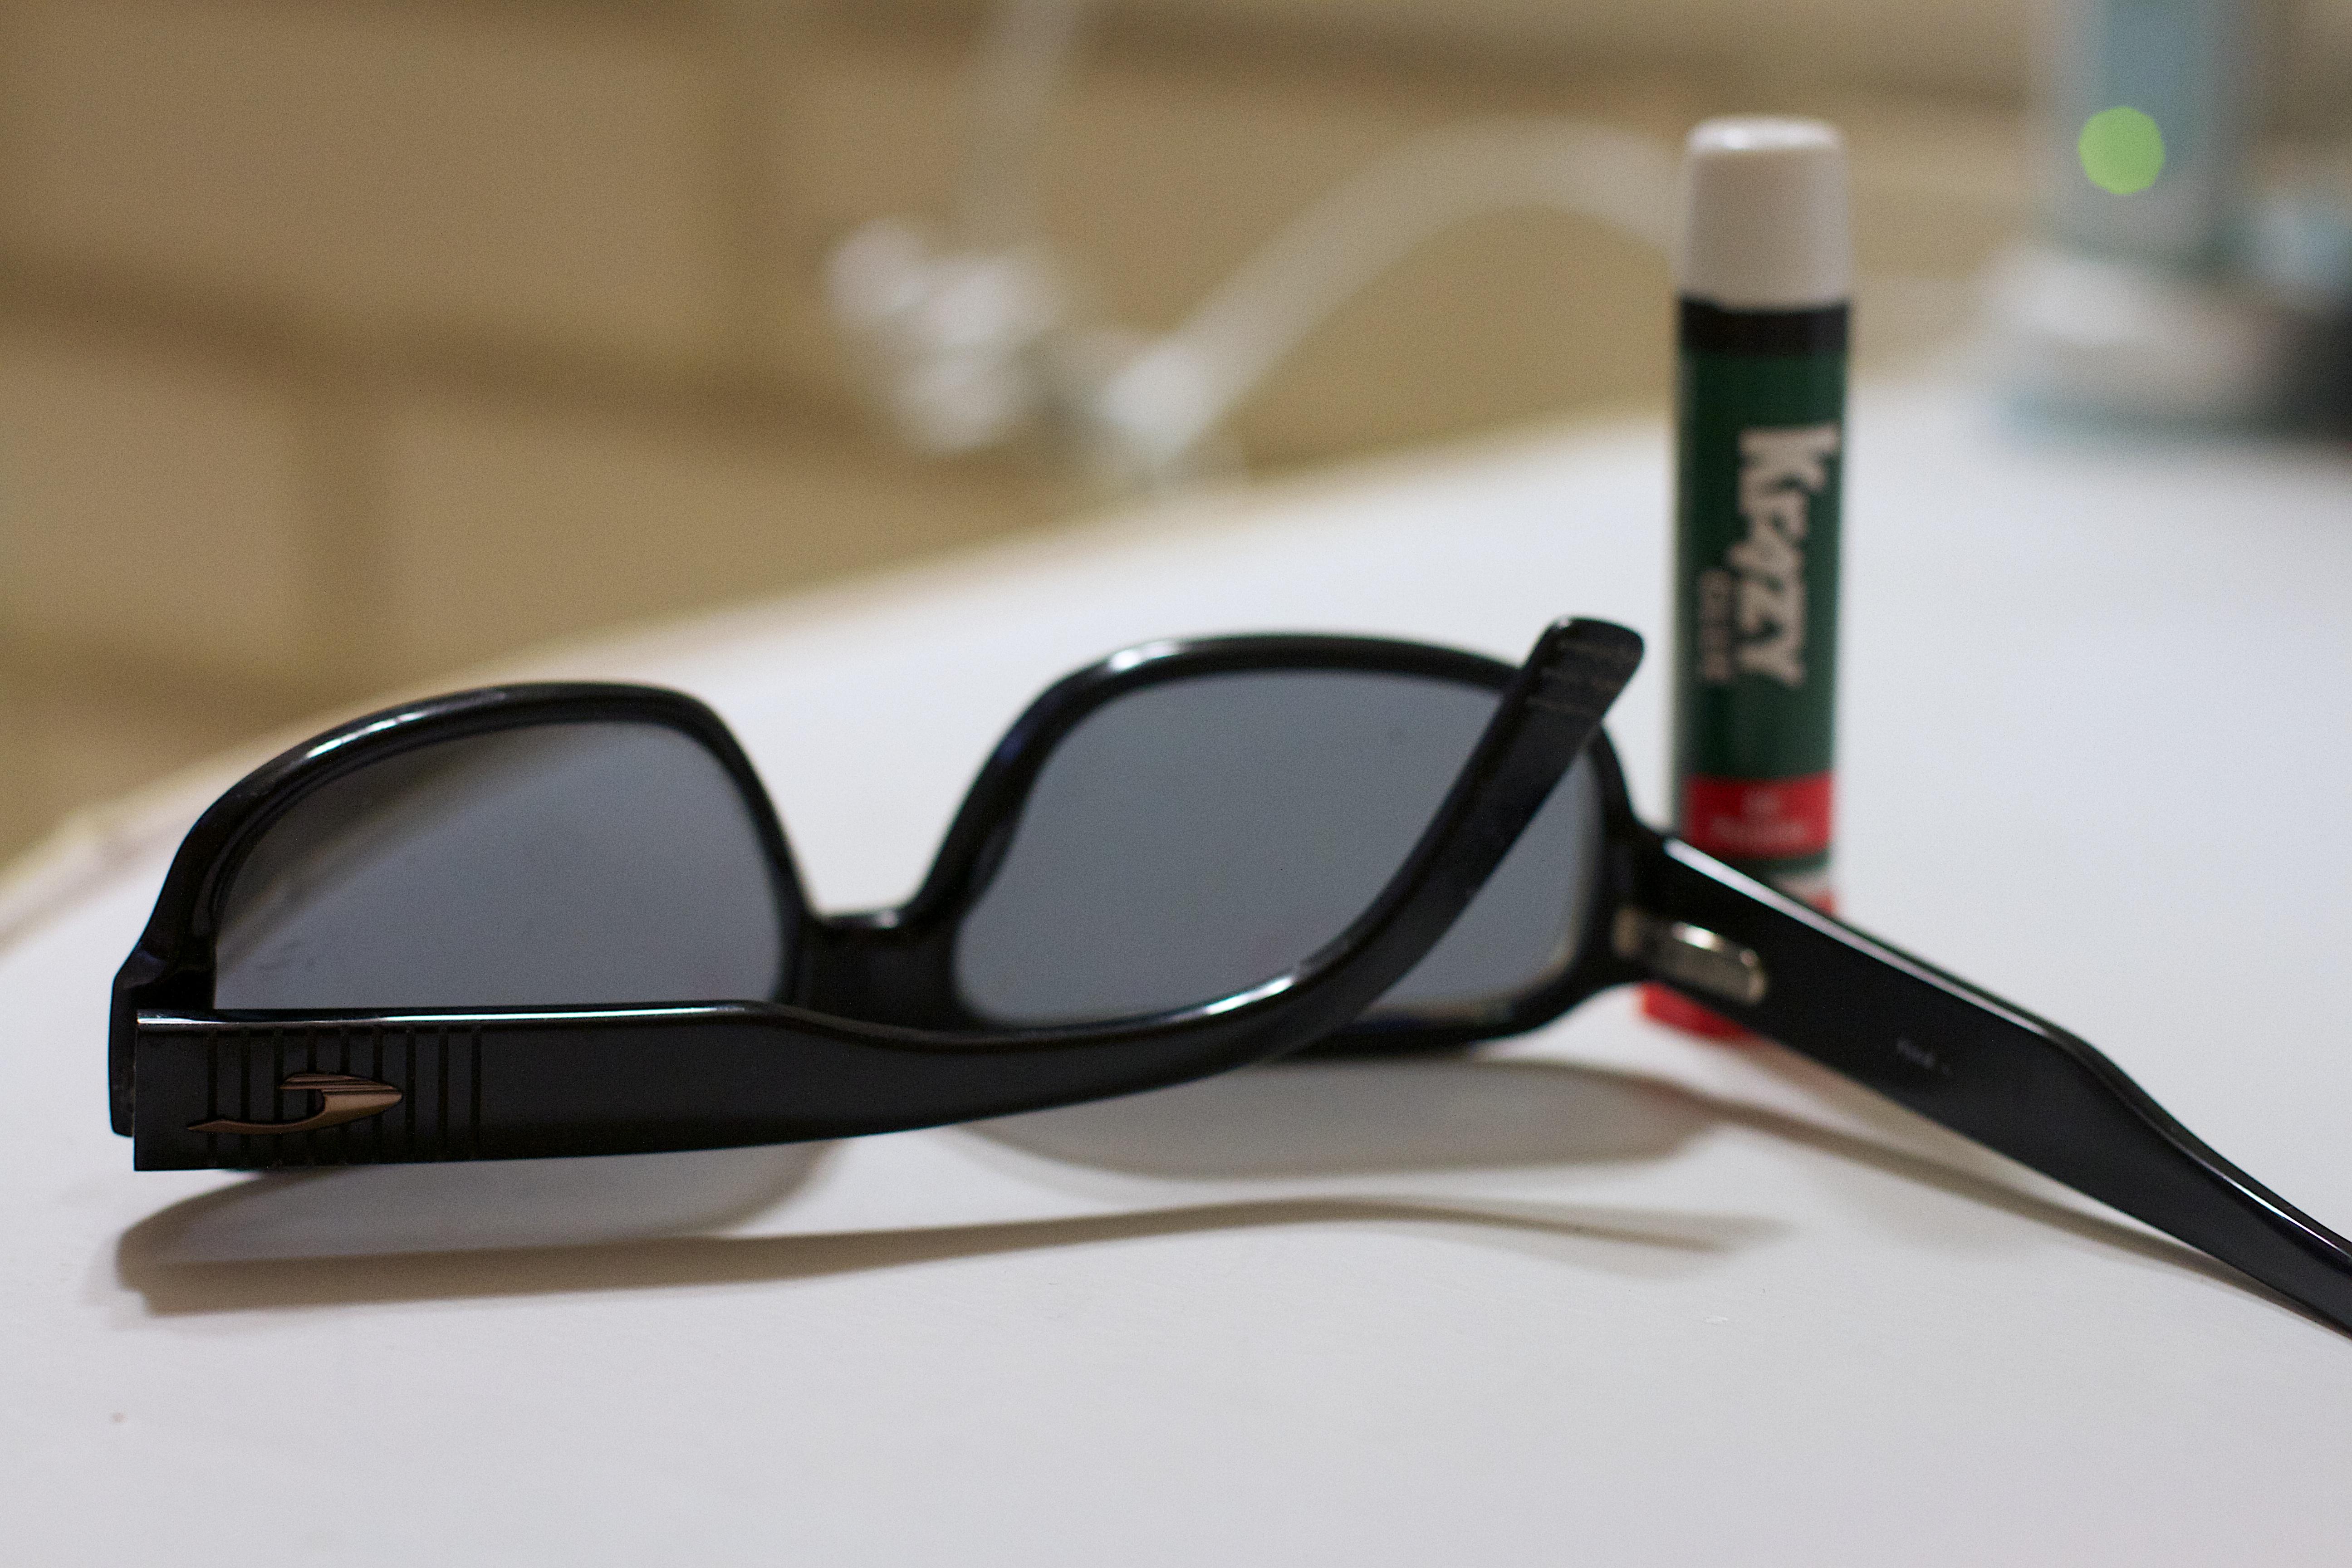 970bd8236 Obrazy : slnečné okuliare, ochranné okuliare, vision Care 5184x3456 ...